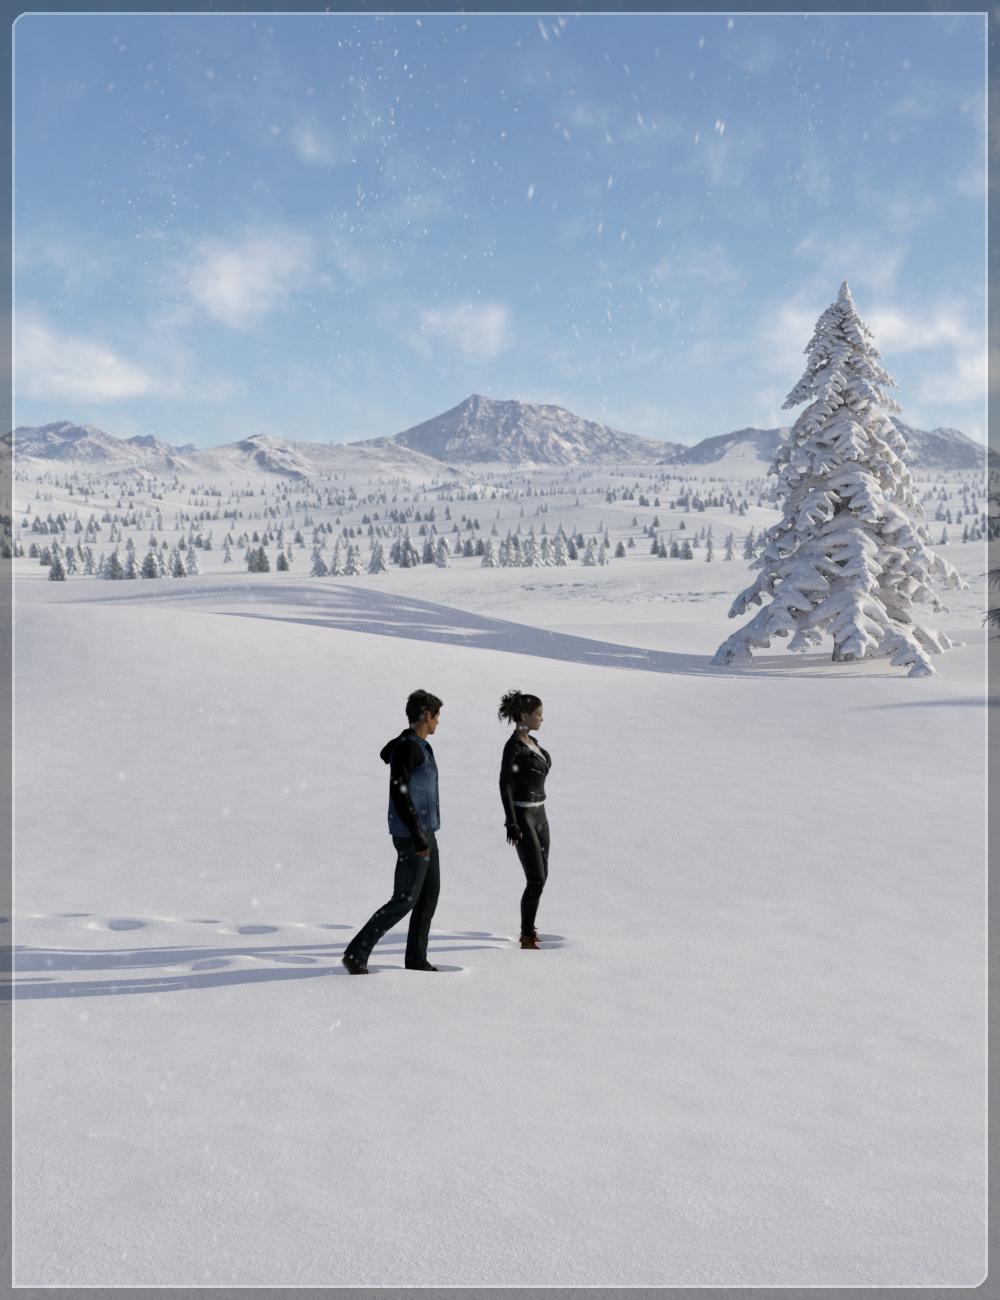 Easy Environments: Winter II by: Flipmode, 3D Models by Daz 3D